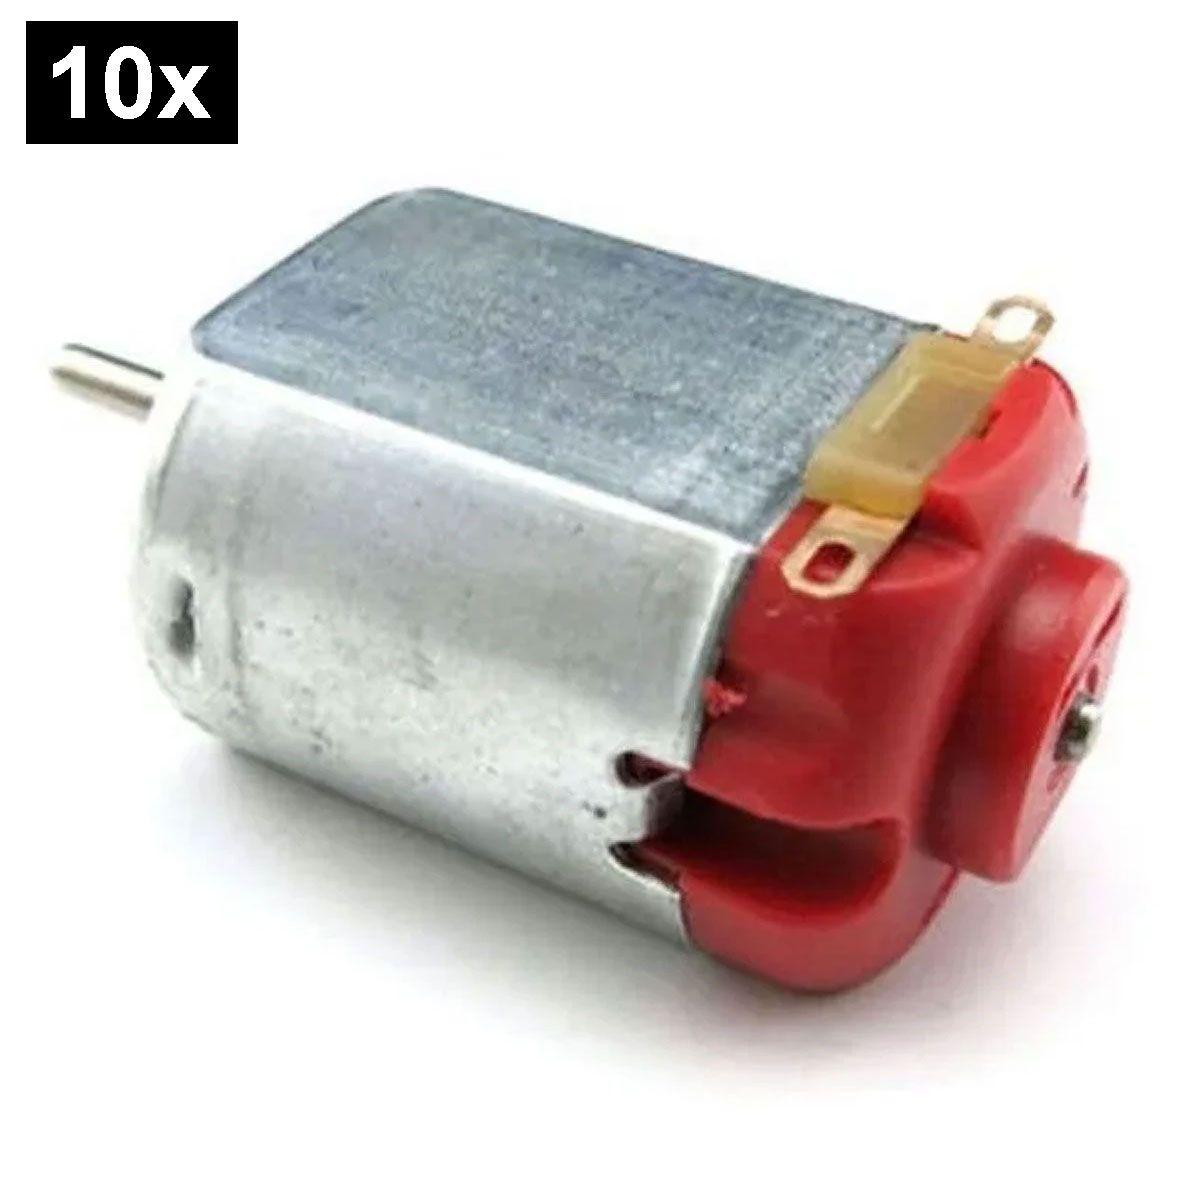 10x Mini Motor DC 3v a 6v sem Redução - Vermelho